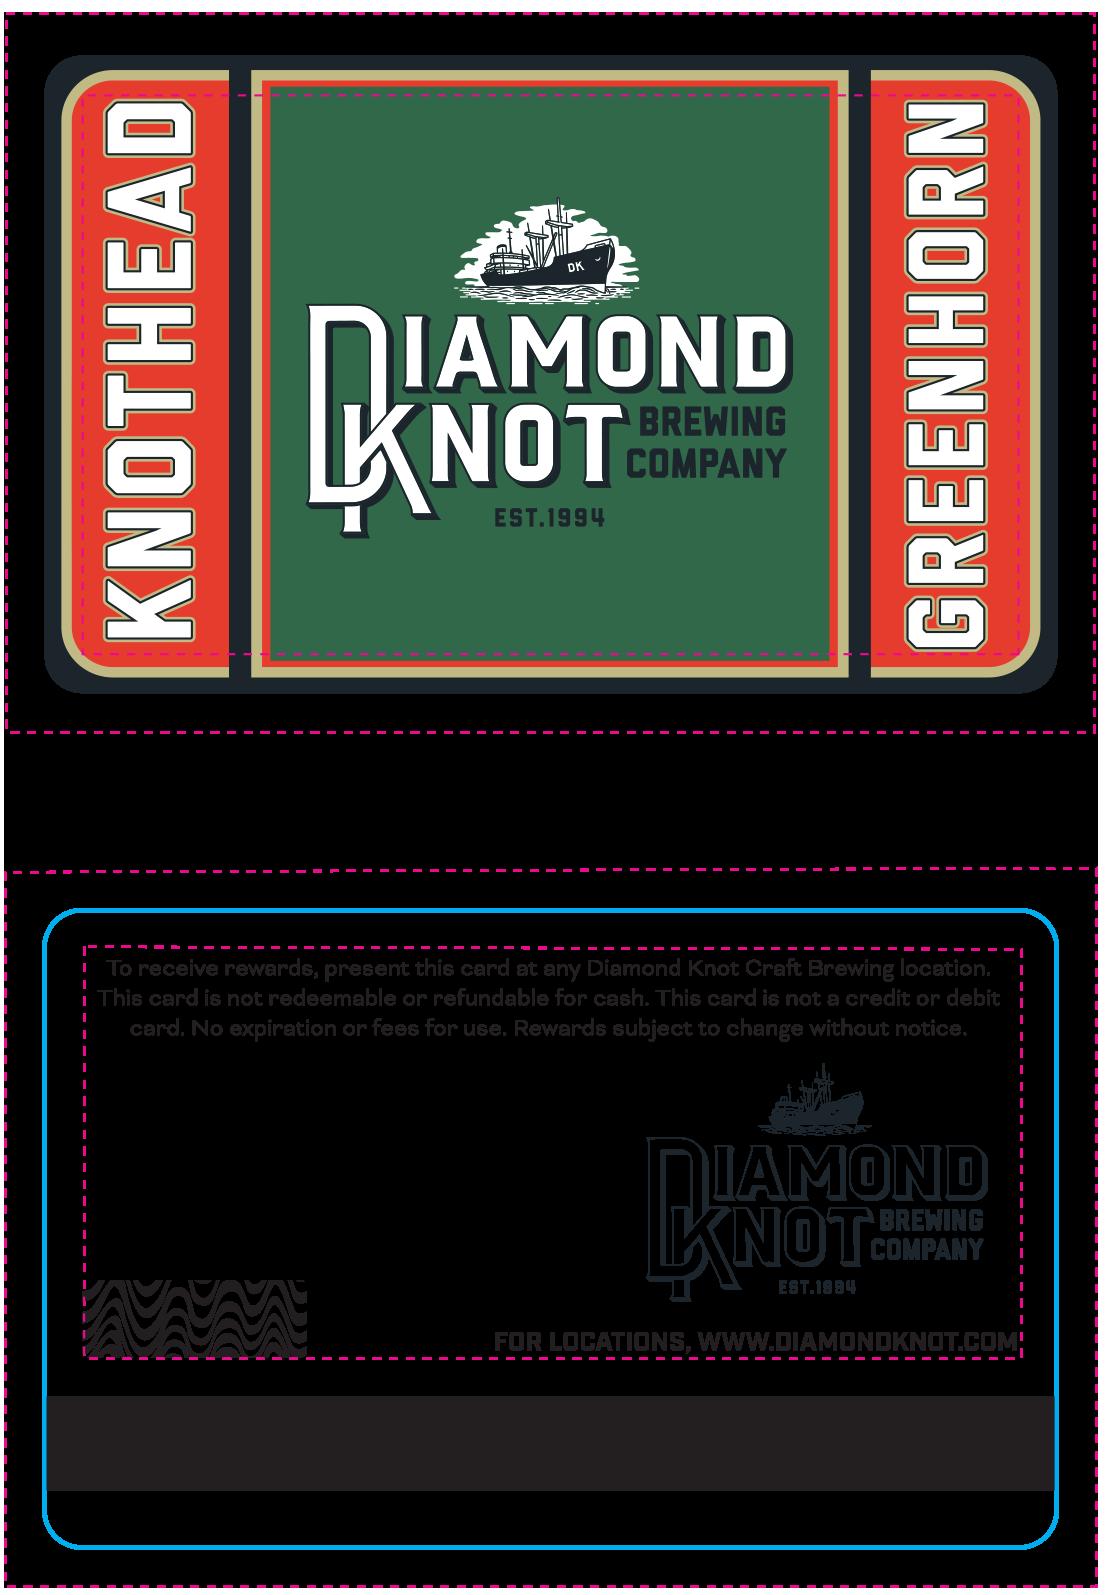 [DKB1834-H] Sales & Marketing Loyalty Cards -GREENHORN-SPEC.png